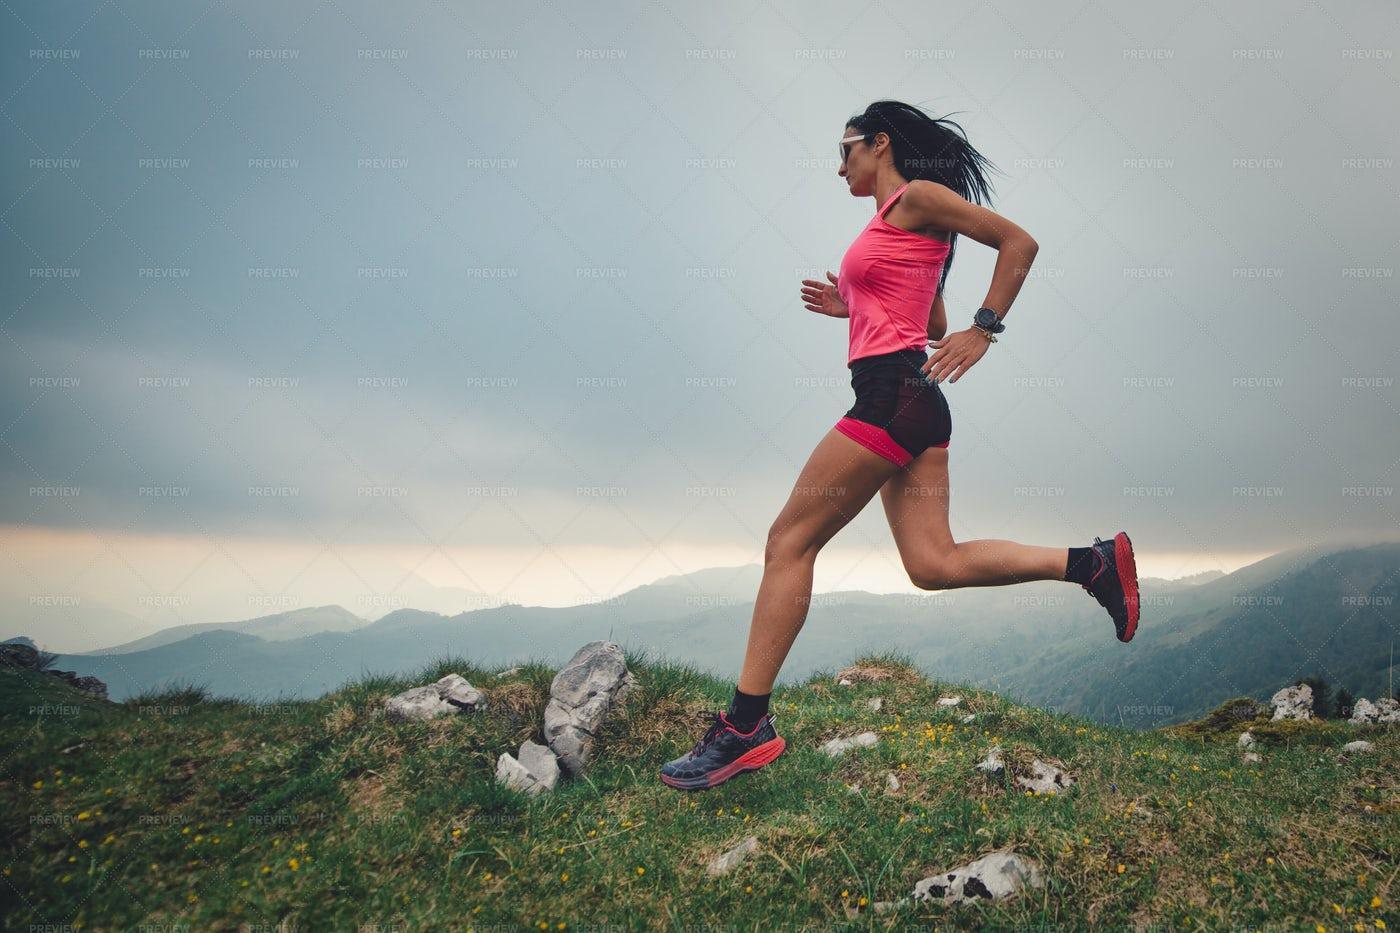 Running On The Mountain Tops: Stock Photos